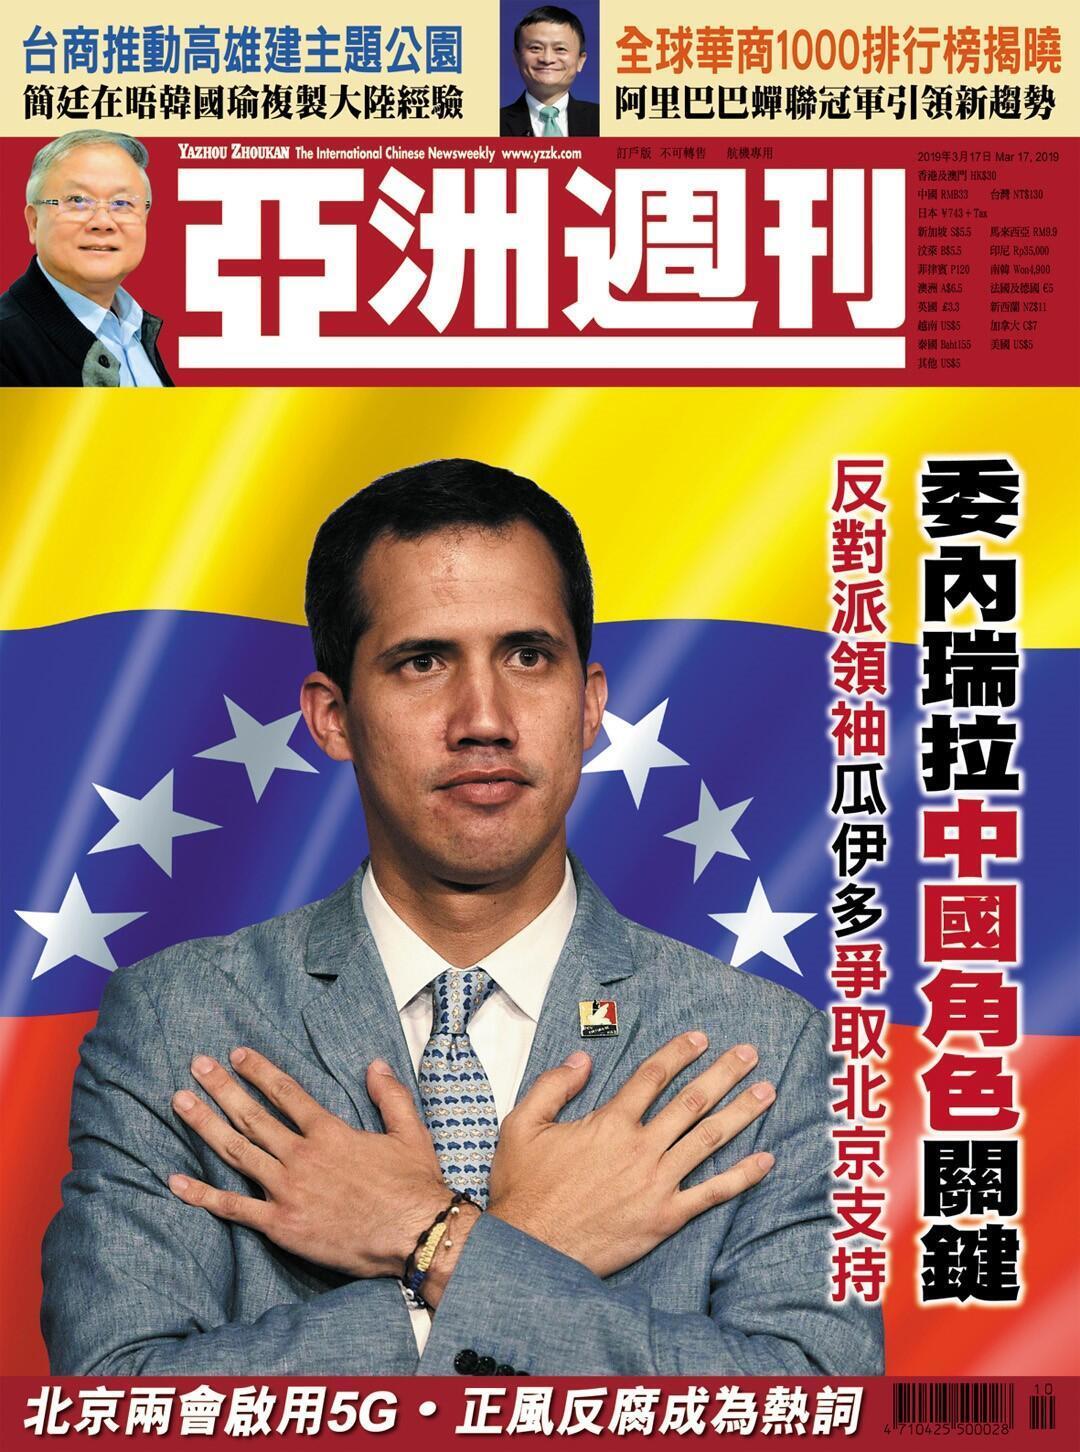 最新一期亚洲周刊封面